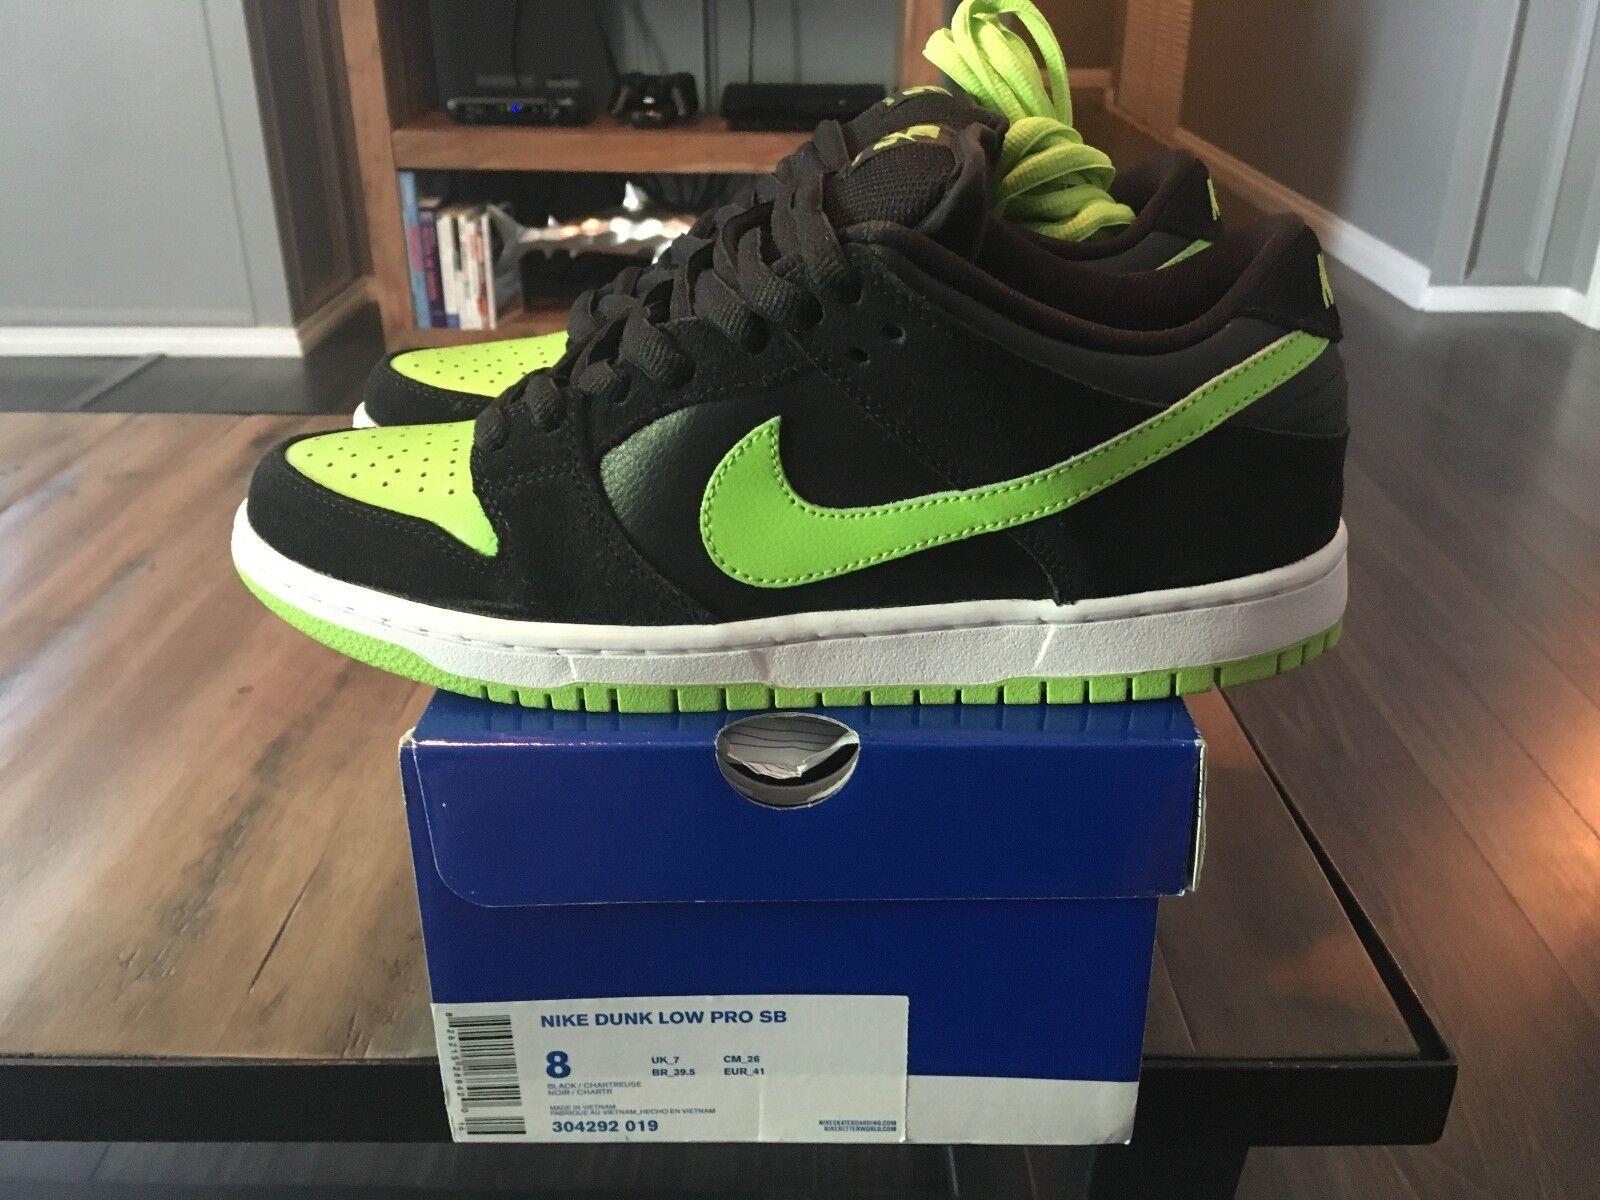 Nike sb schiacciare basso neon j-pack 8 nuova confezione chartreuse 304292-019 j